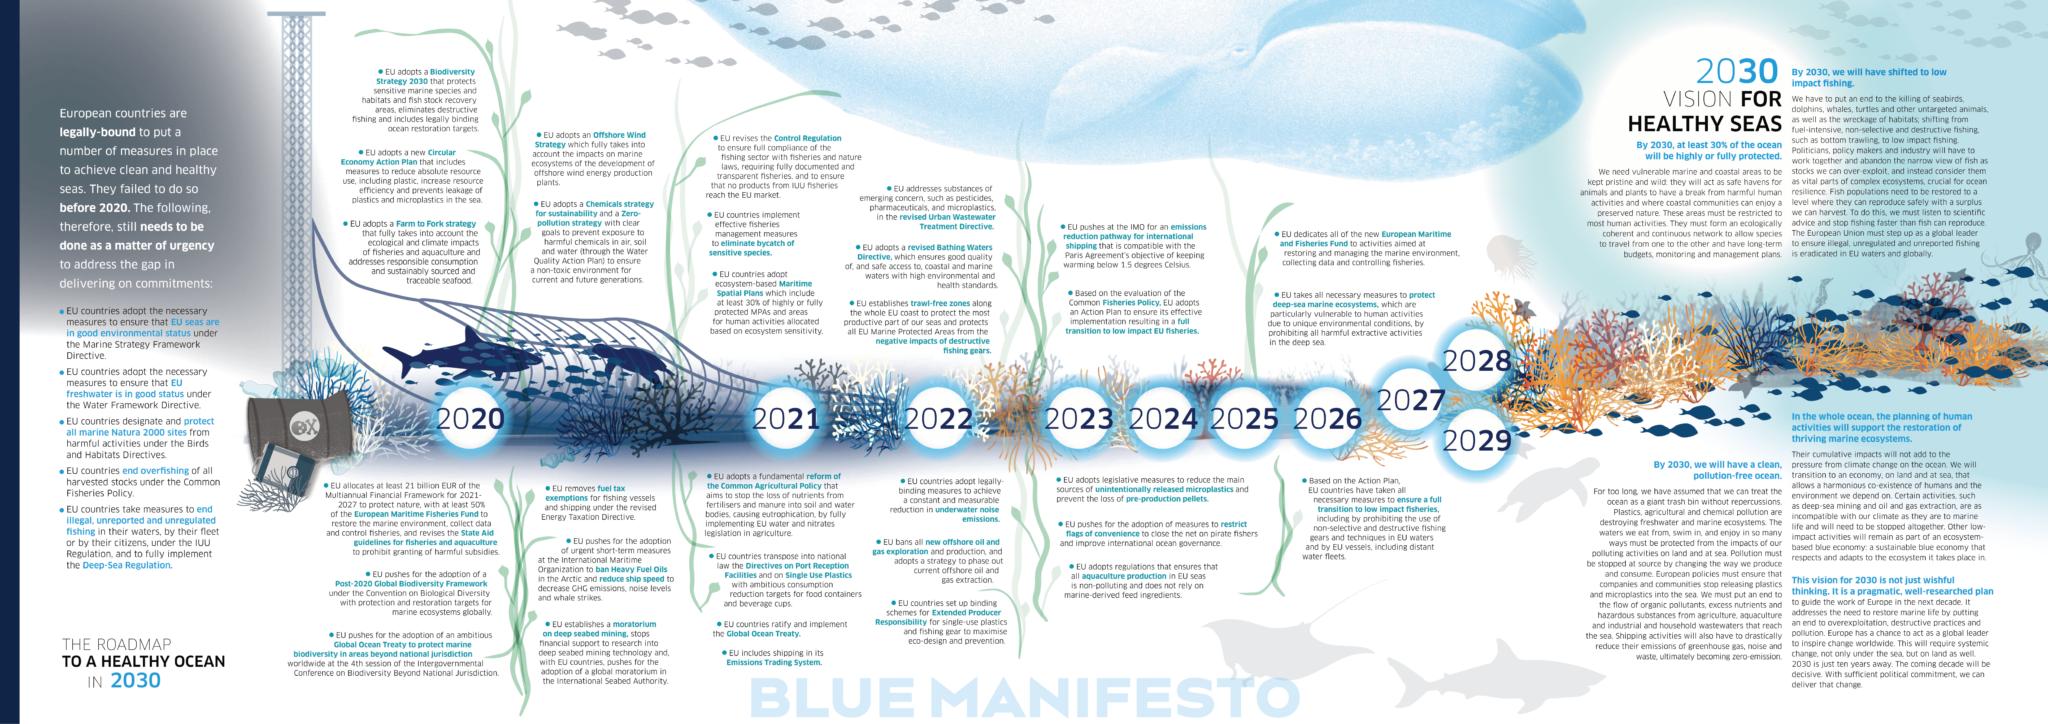 Zeitleiste von 2020 bis 2030 mit den Texten des Blue Manifesto und Zeichnungen von in einem Grundschleppnetz gefangenen Meerestieren bis hin zu gesunden und fischreichen Korallenriffen